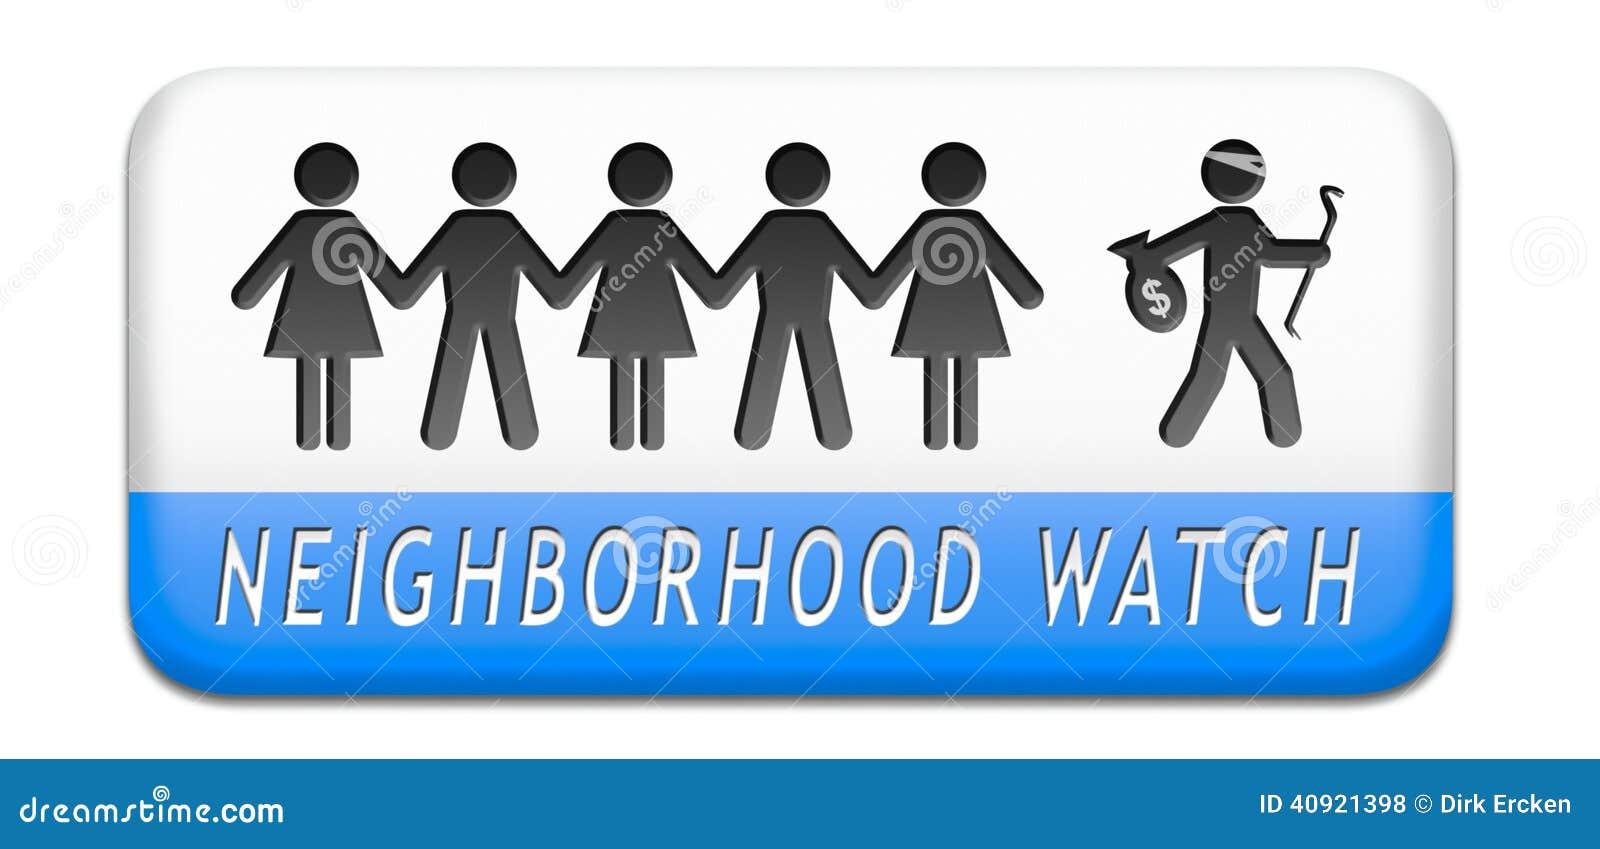 Id Theft Protection >> Neighborhood Watch Stock Illustration - Image: 40921398